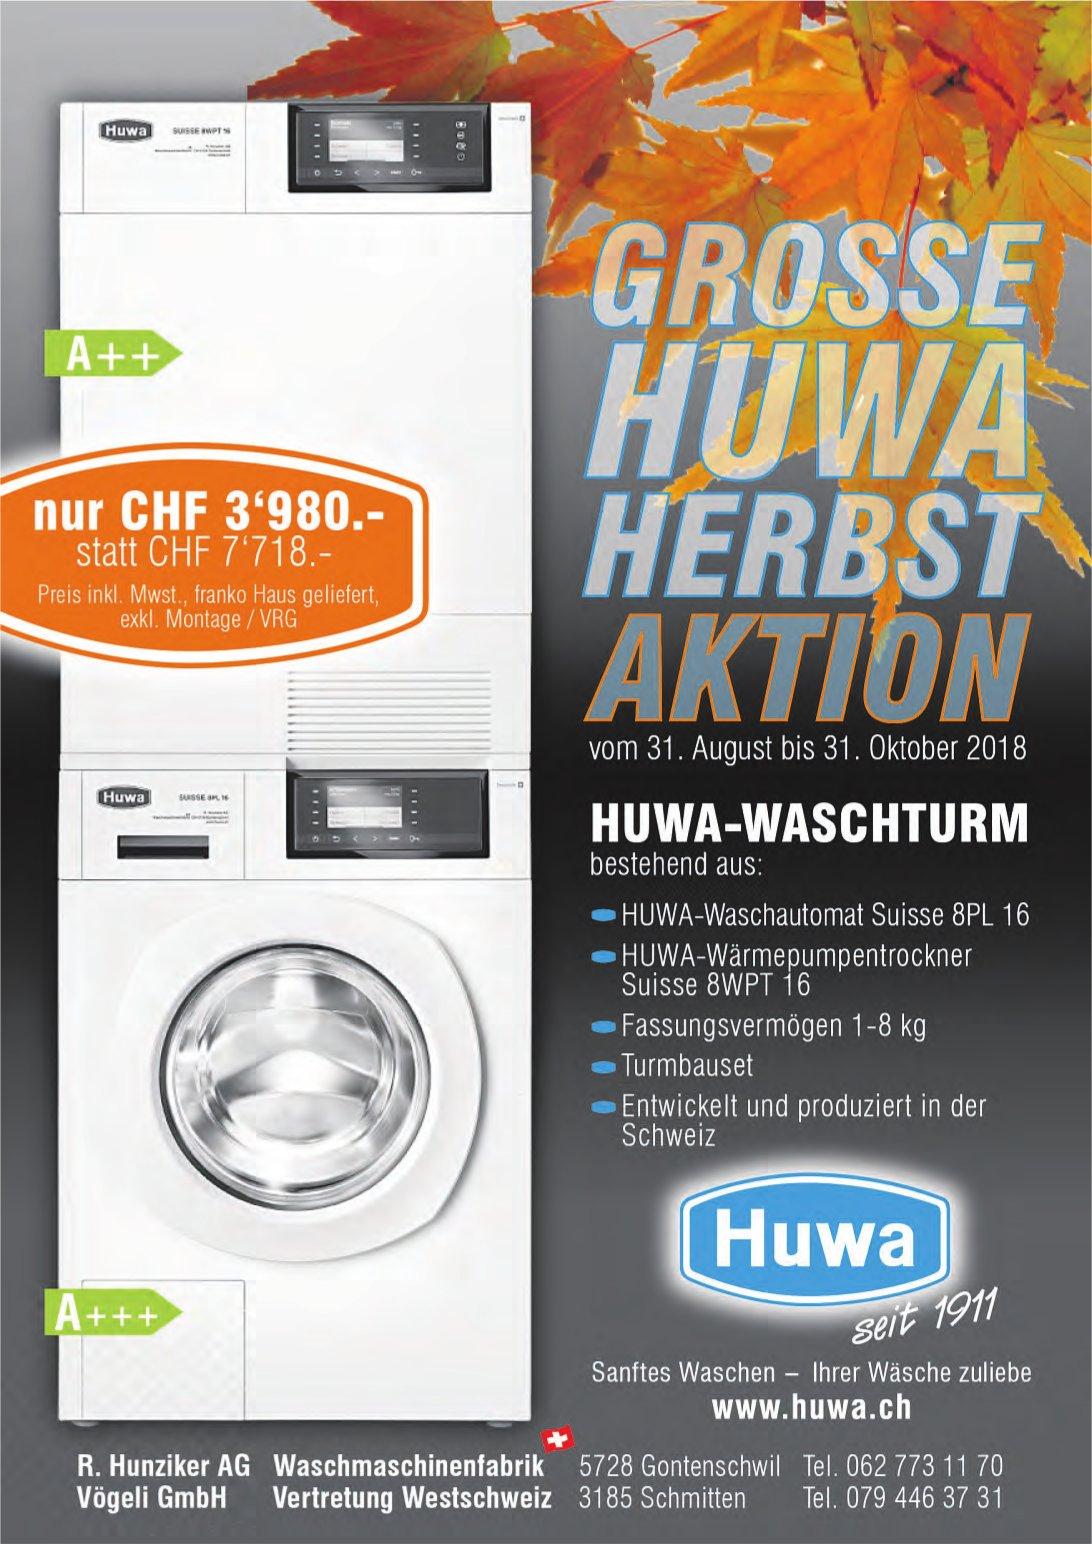 Waschmaschinenfabrik R. Hunziker AG, Gontenschwil - Grosse HUWA Herbstaktion, bis 30. Oktober